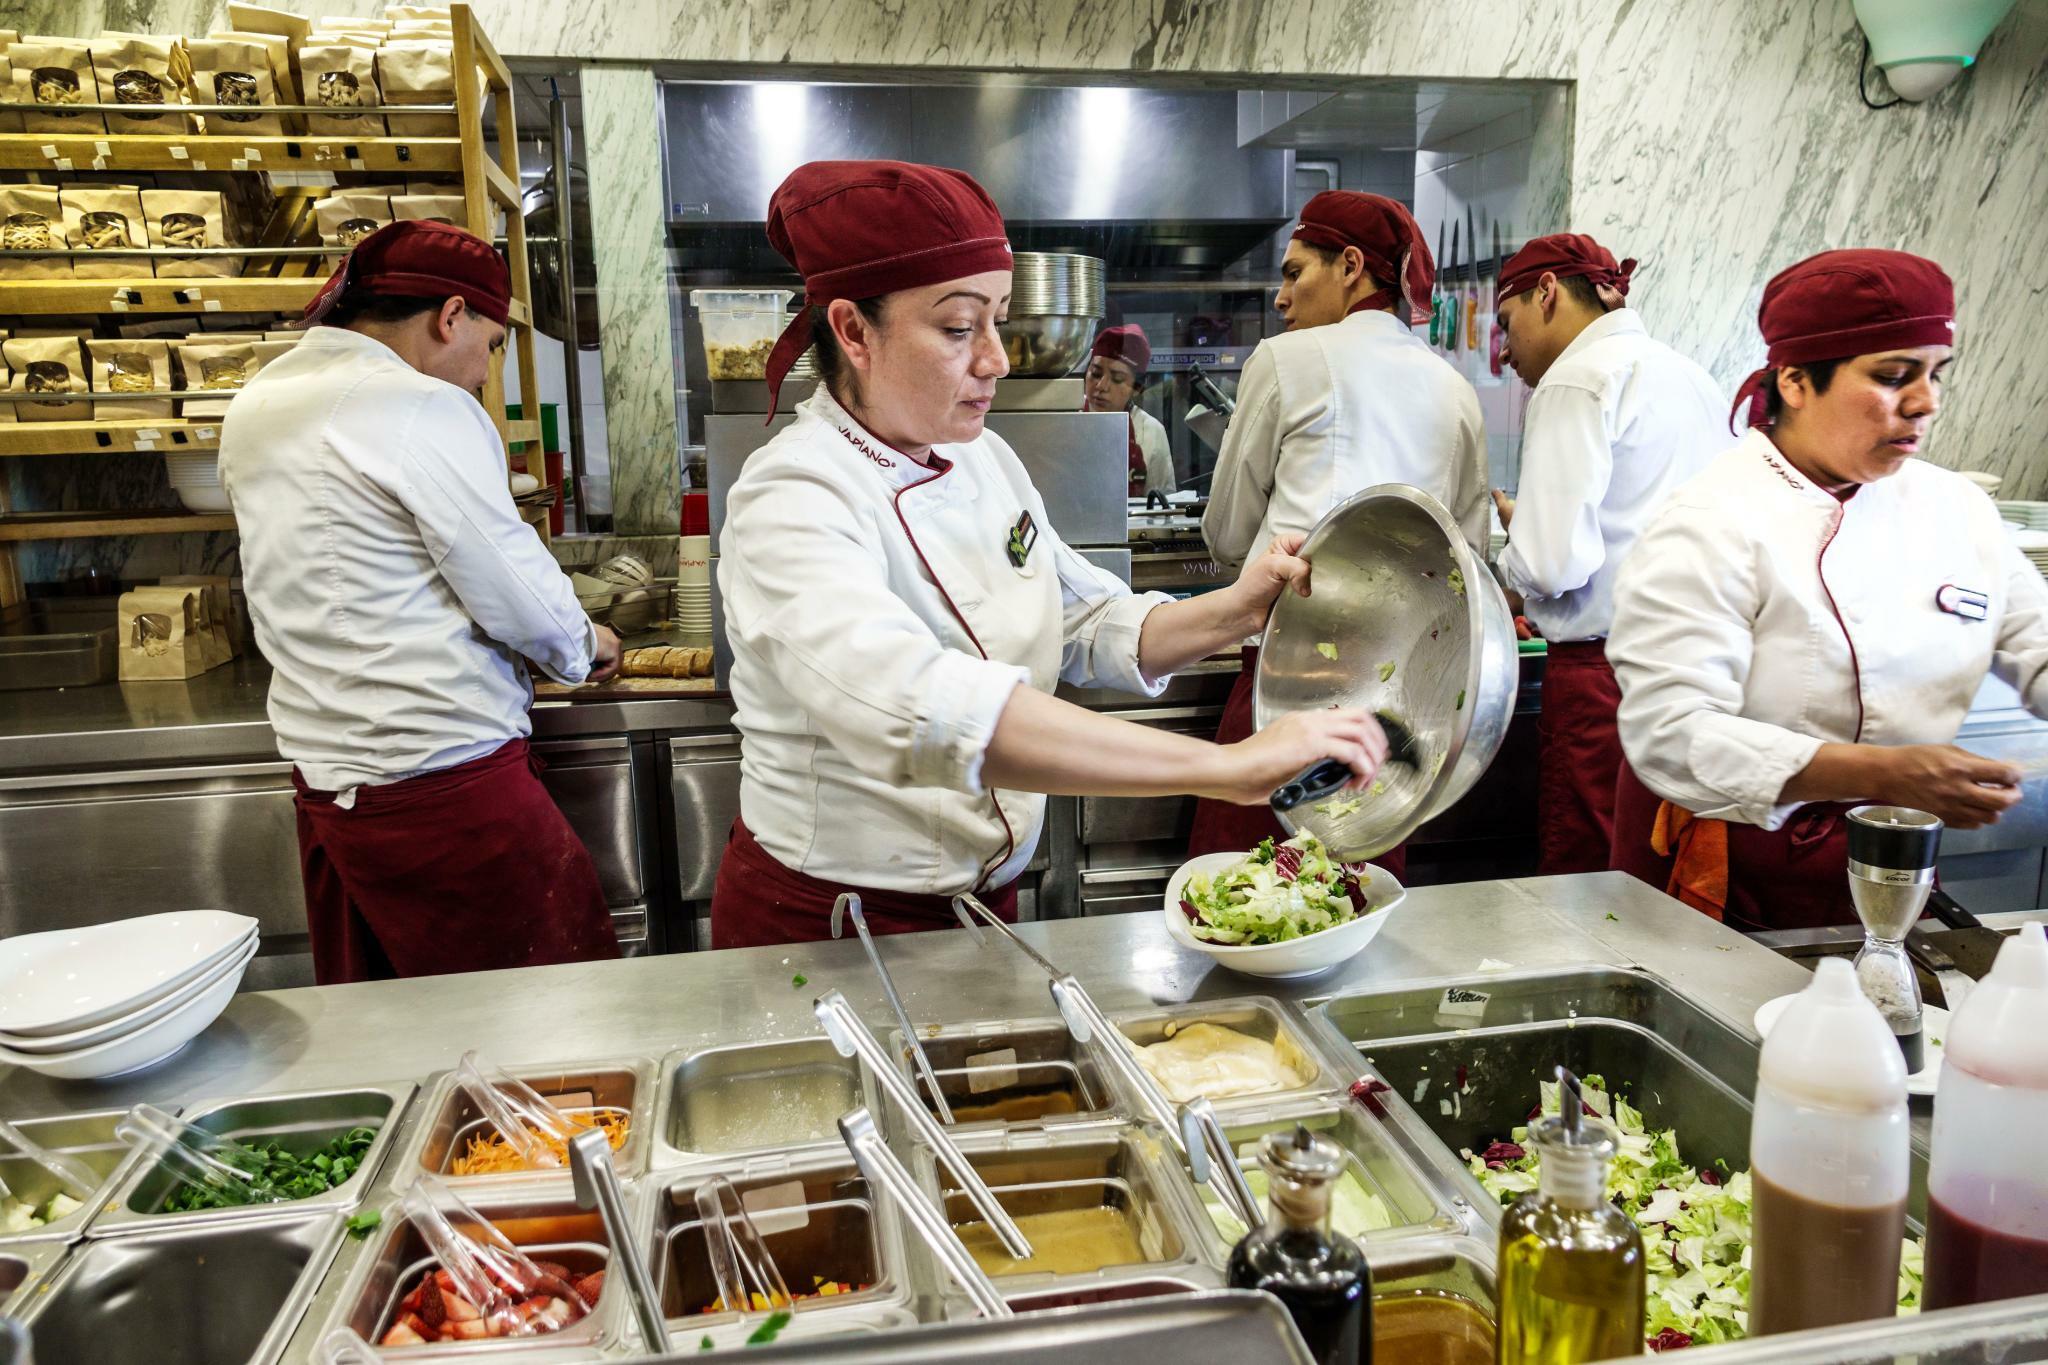 Vapiano Küche Öffnungszeiten | Vapiano Mause In Der Kuche Mause In Der Kuche Was Tun